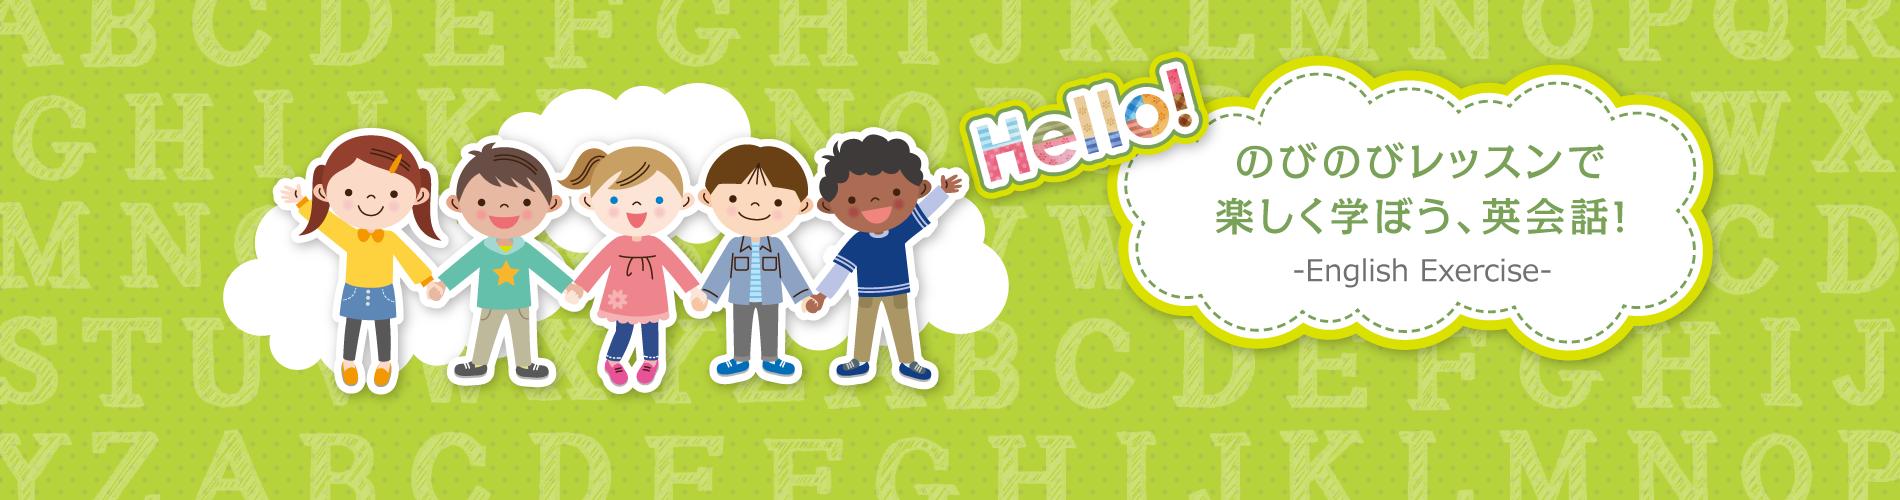 楽しく学ぼう、英会話!